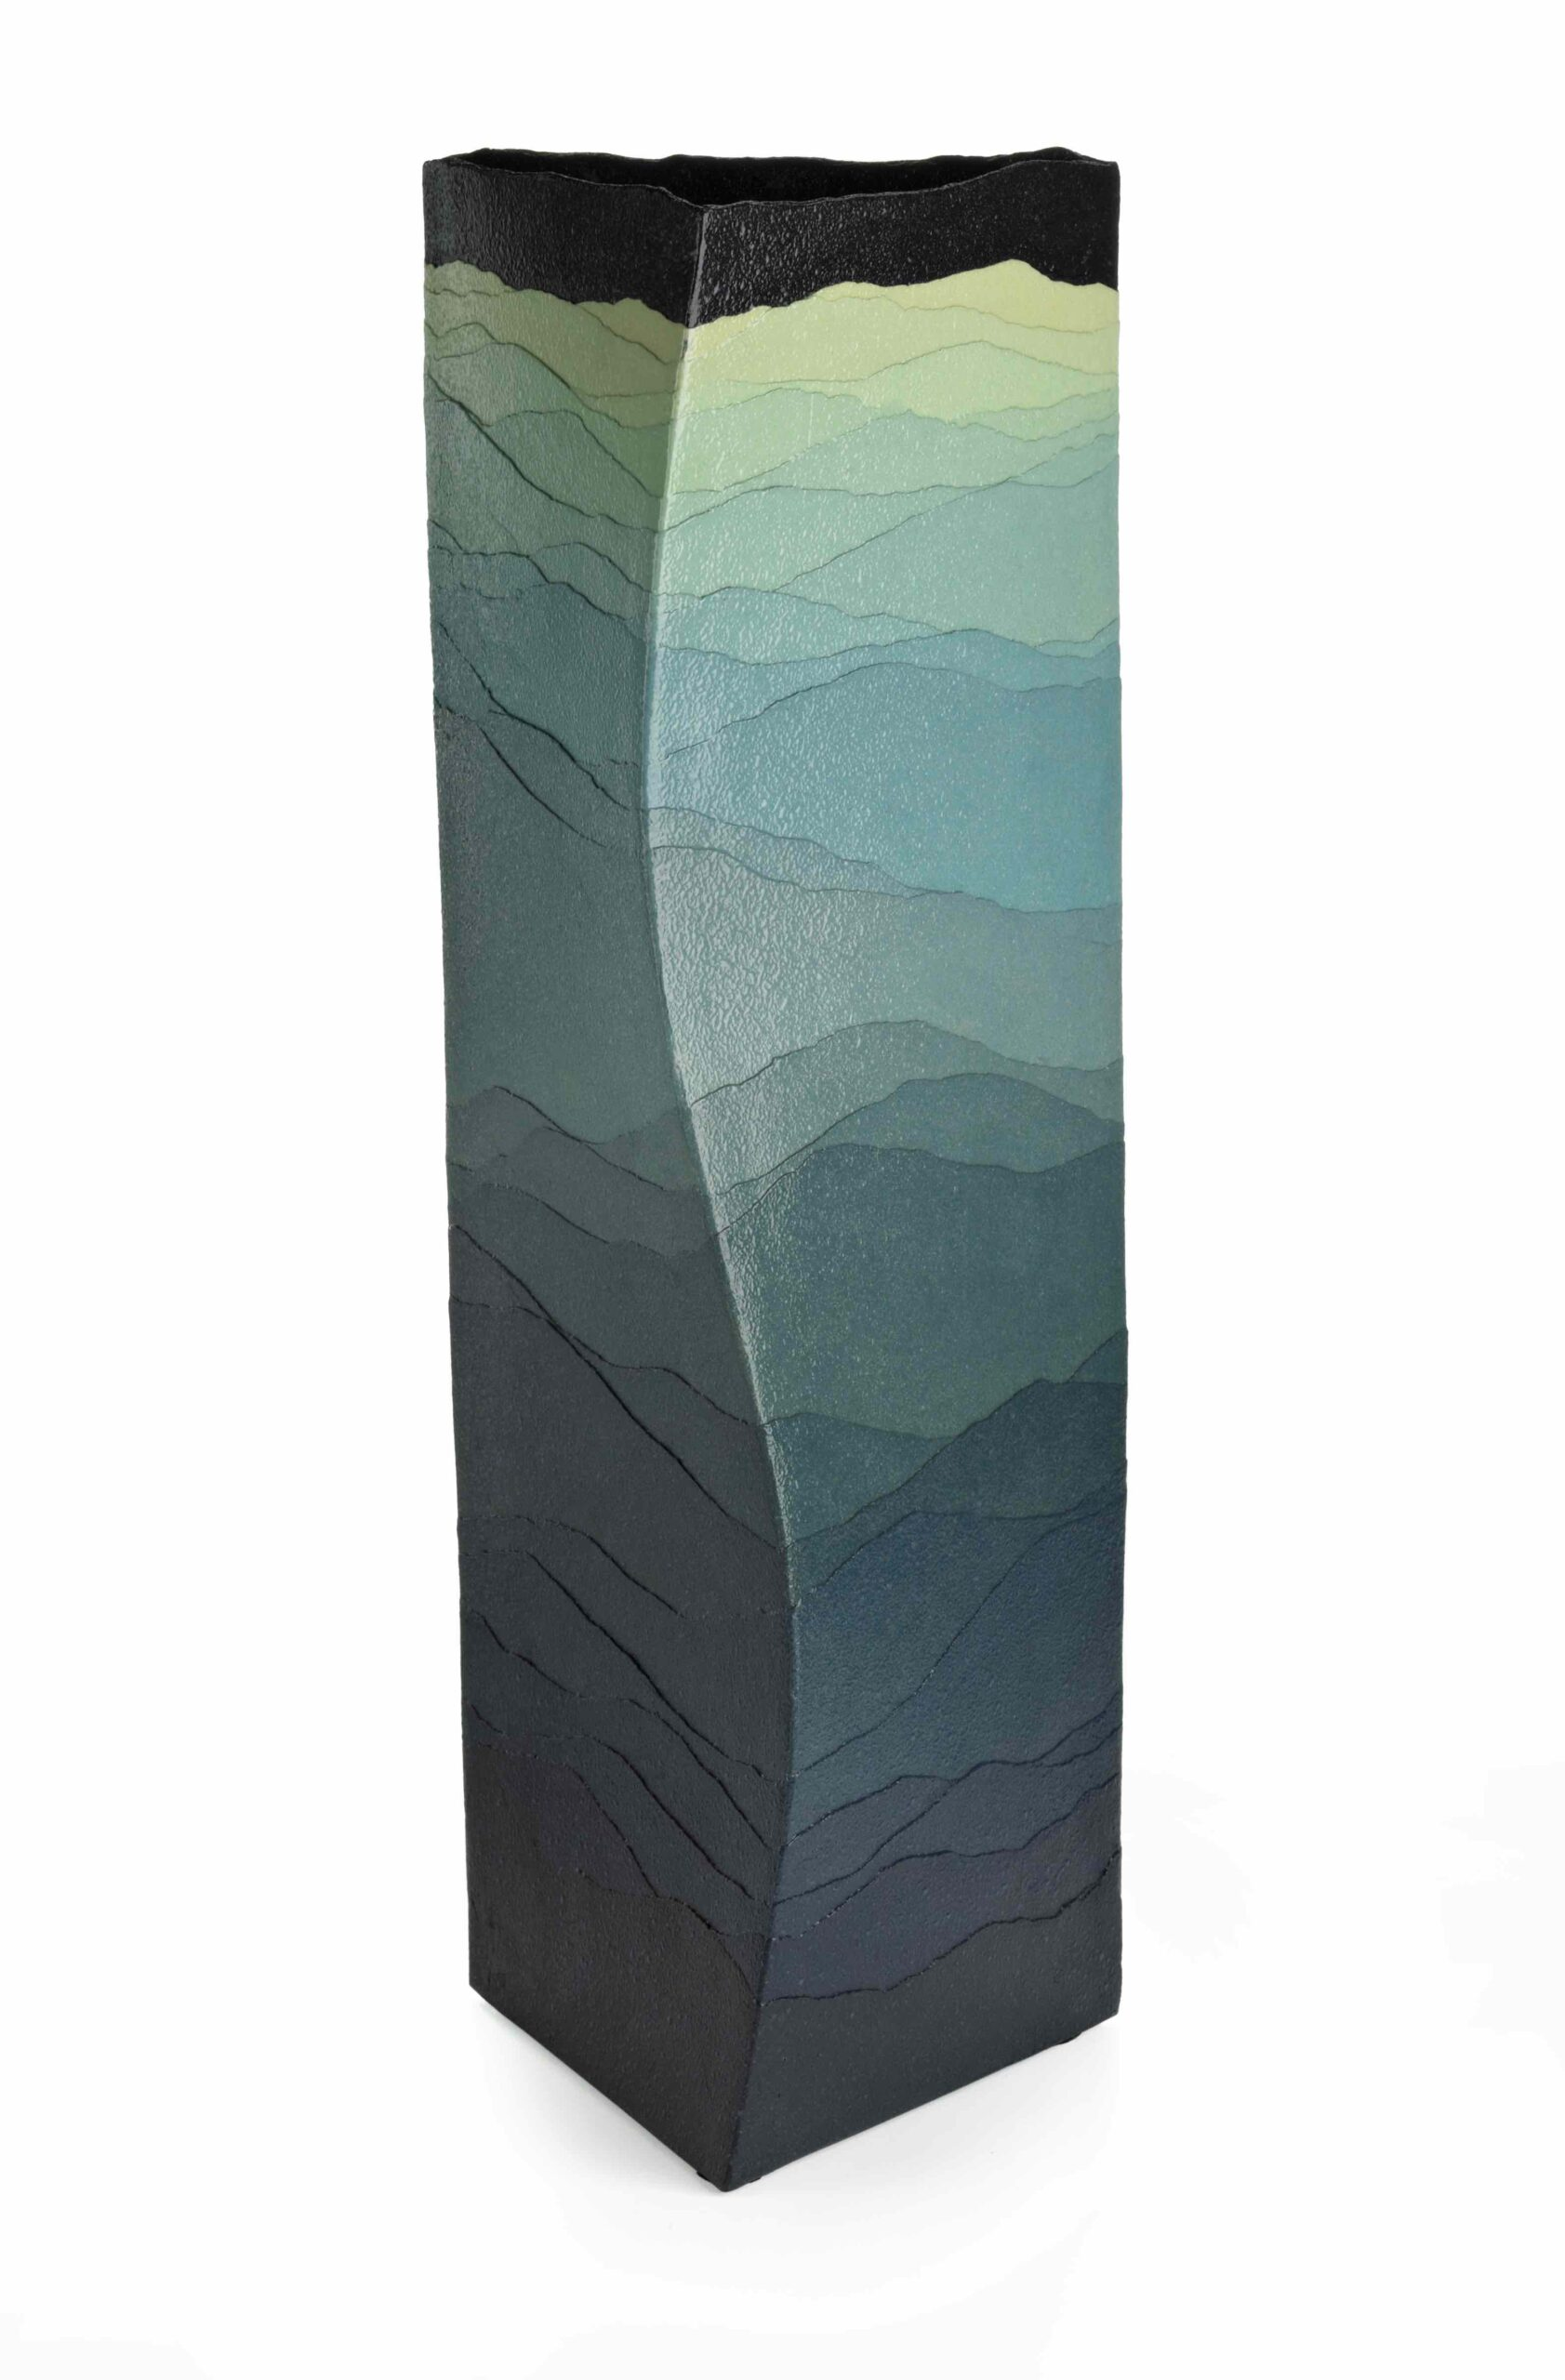 TO THE MOON tsuki ni mukau by MIYASHITA Zenji (1939–2012)   Heisei 16, 2004 Stoneware, applied coloured clays, saidei technique